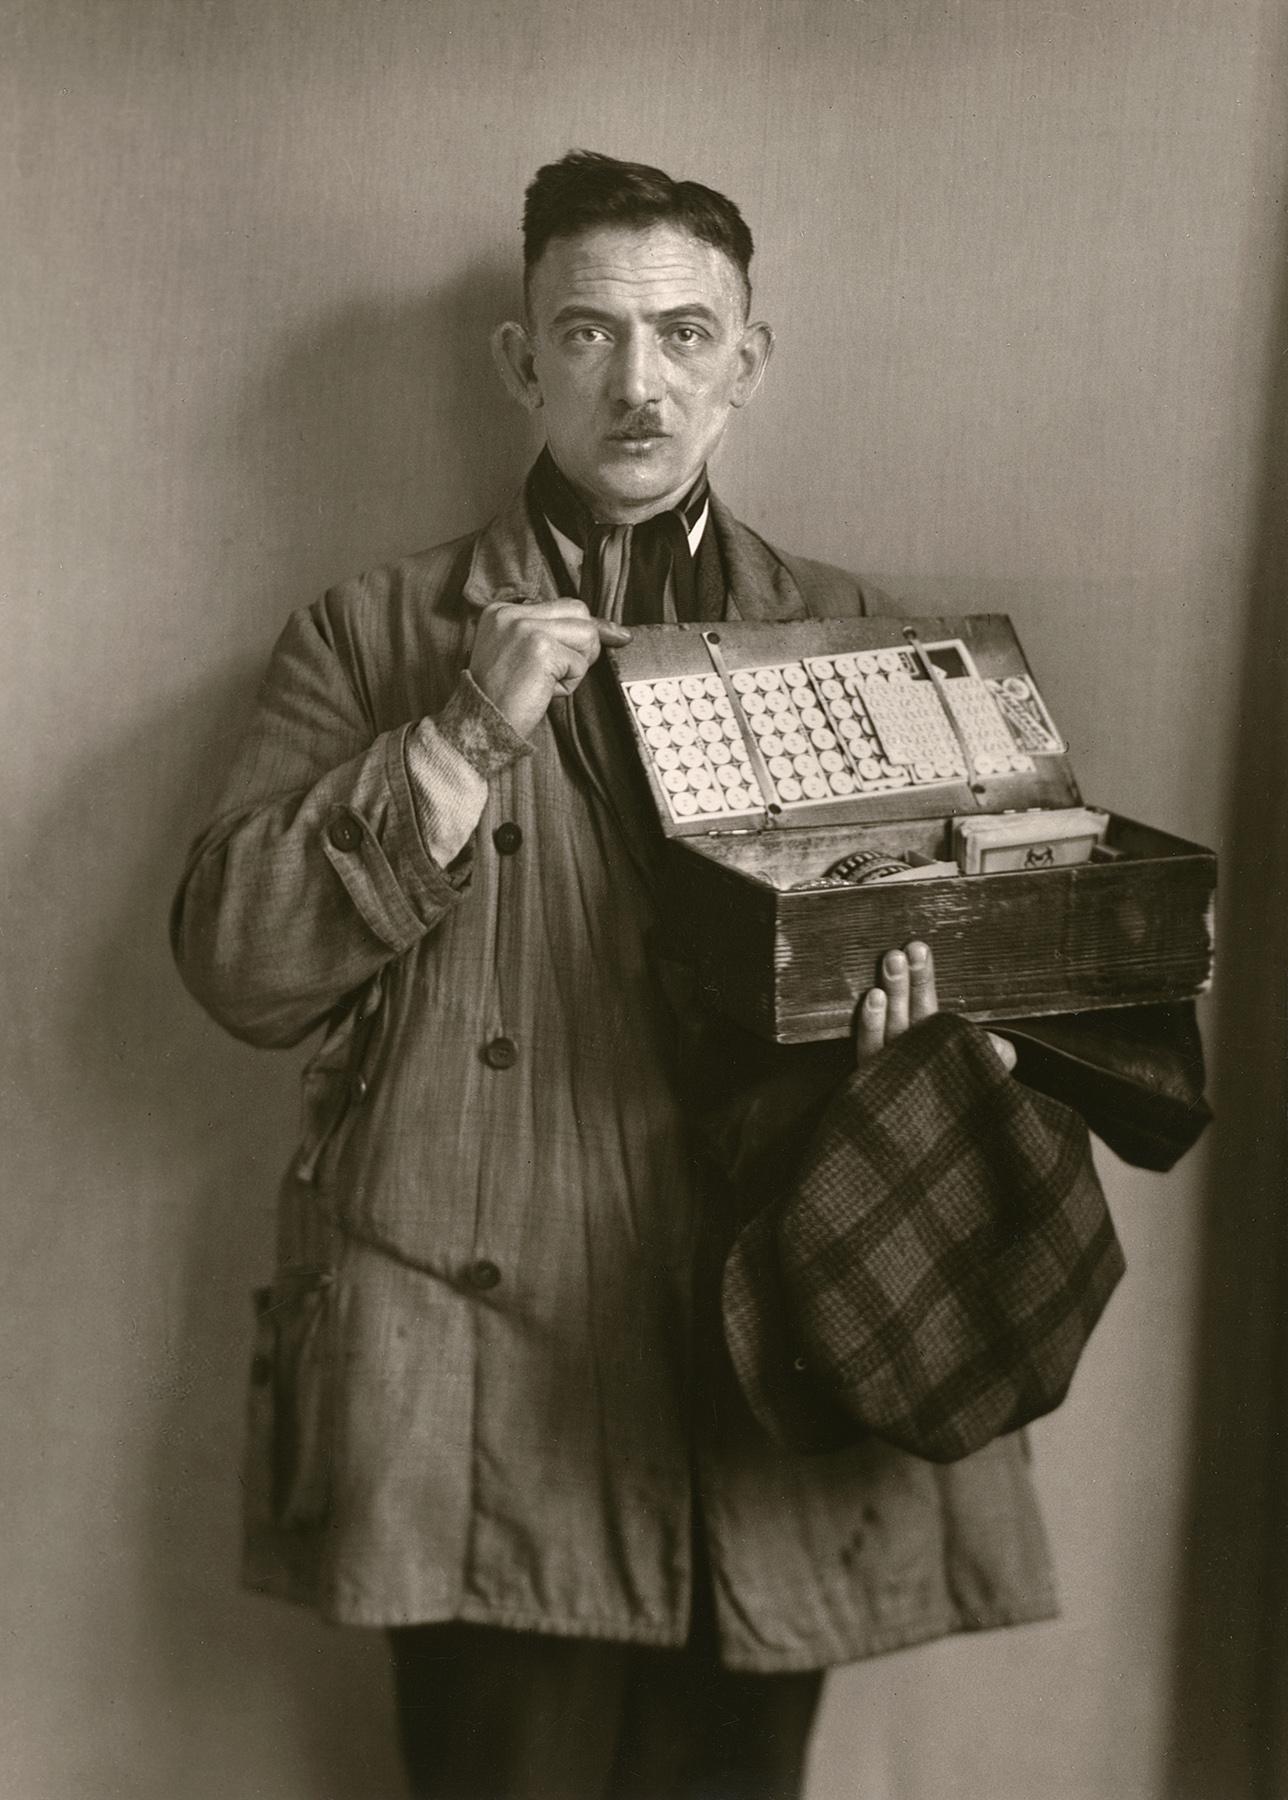 Fotó: August Sander <br />Peddler<br />1930<br />Gelatin silver print<br />© Die Photographische Sammlung/SK Stiftung Kultur – August Sander Archiv; VG Bild-Kunst, 2018